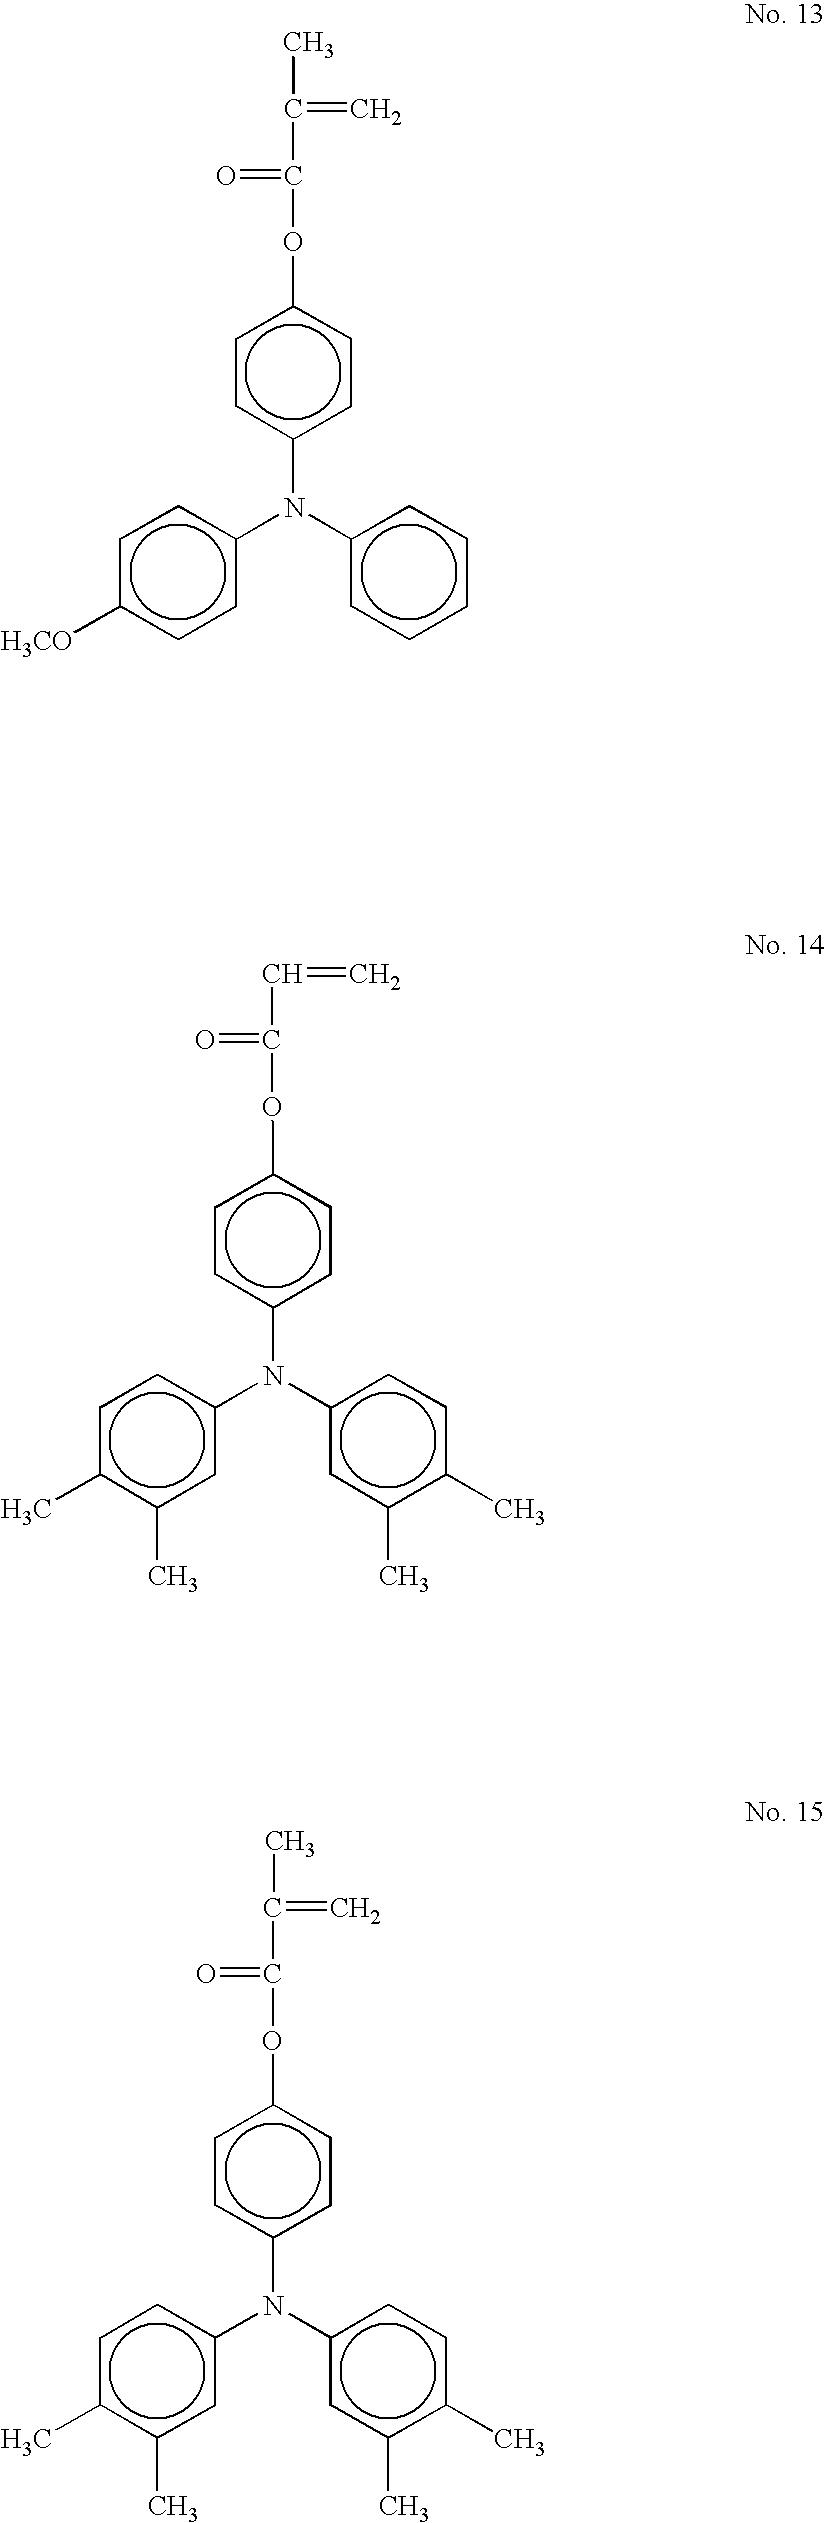 Figure US07175957-20070213-C00016